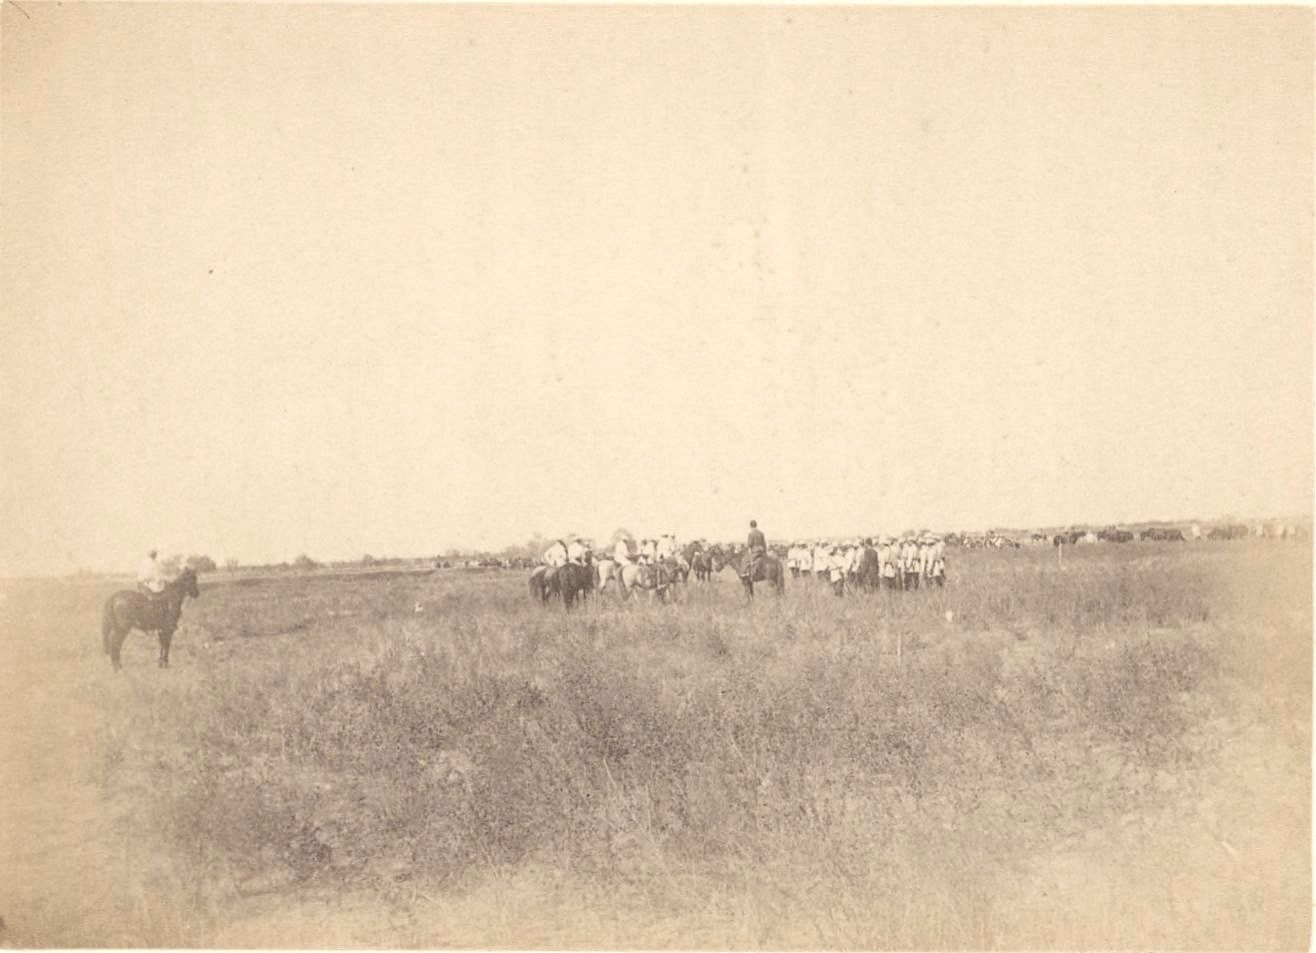 Мерв. Генерал-майор Н. П. Линевич и его офицеры 2-й Закаспийской стрелковой бригады